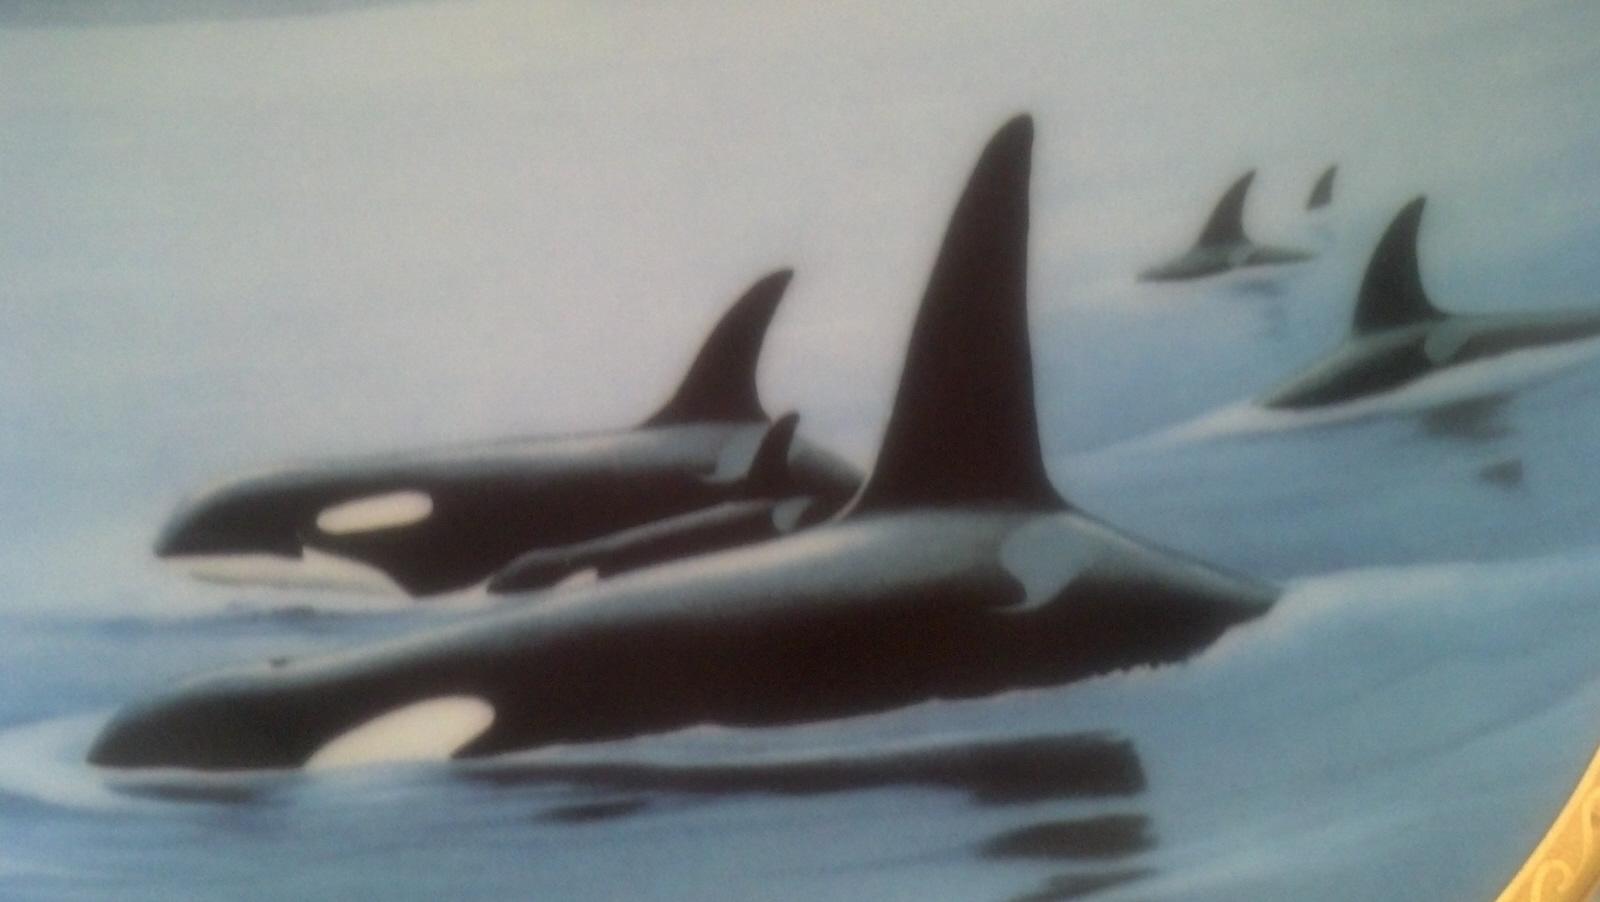 Orcas - Mammals, Fish, Whales, Sea, Collector Plates, Hamilton Collection